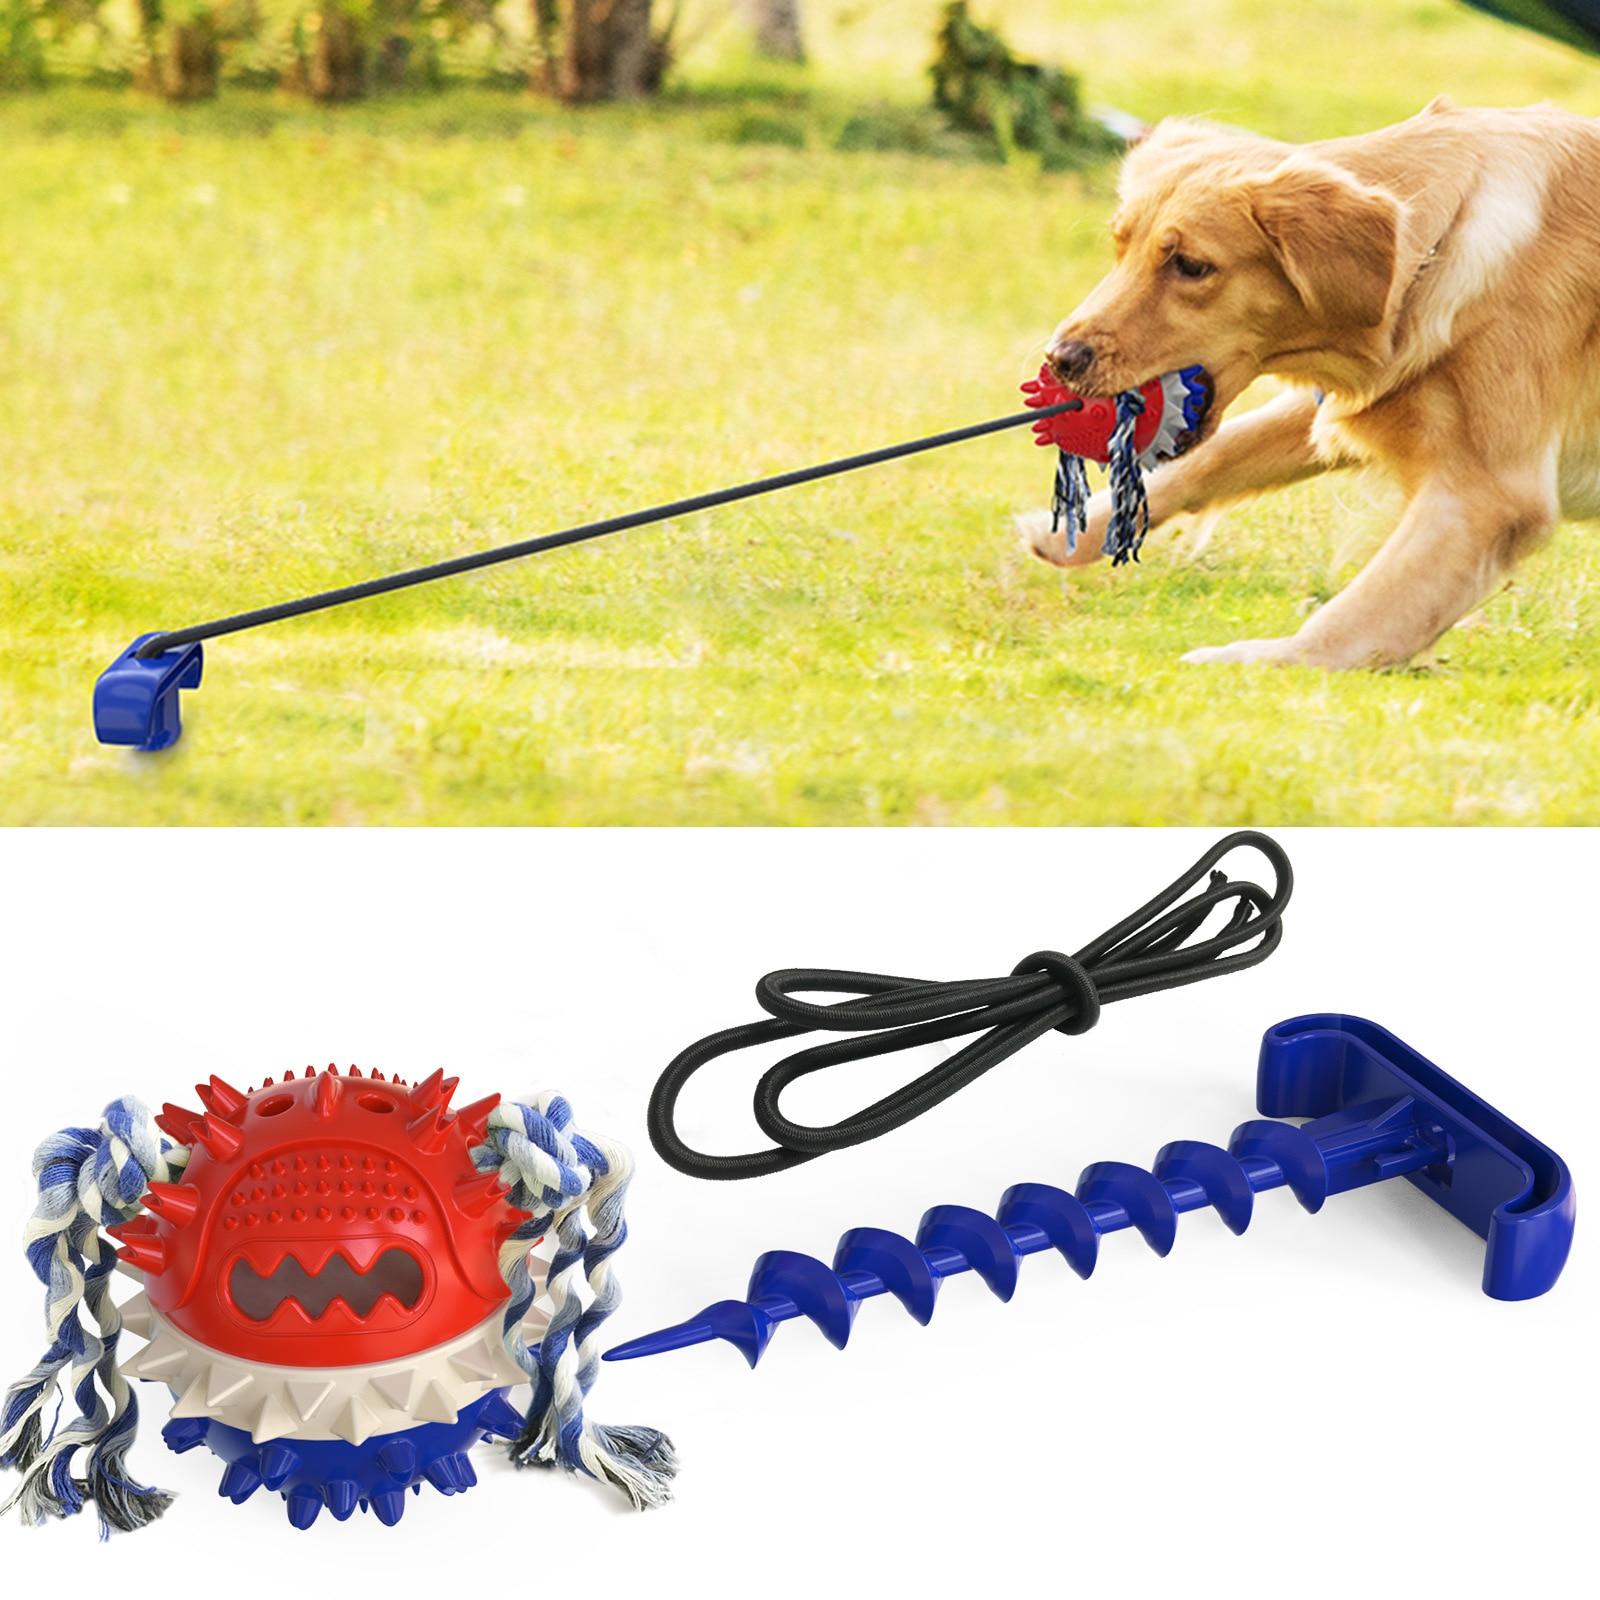 dog tug of war toy